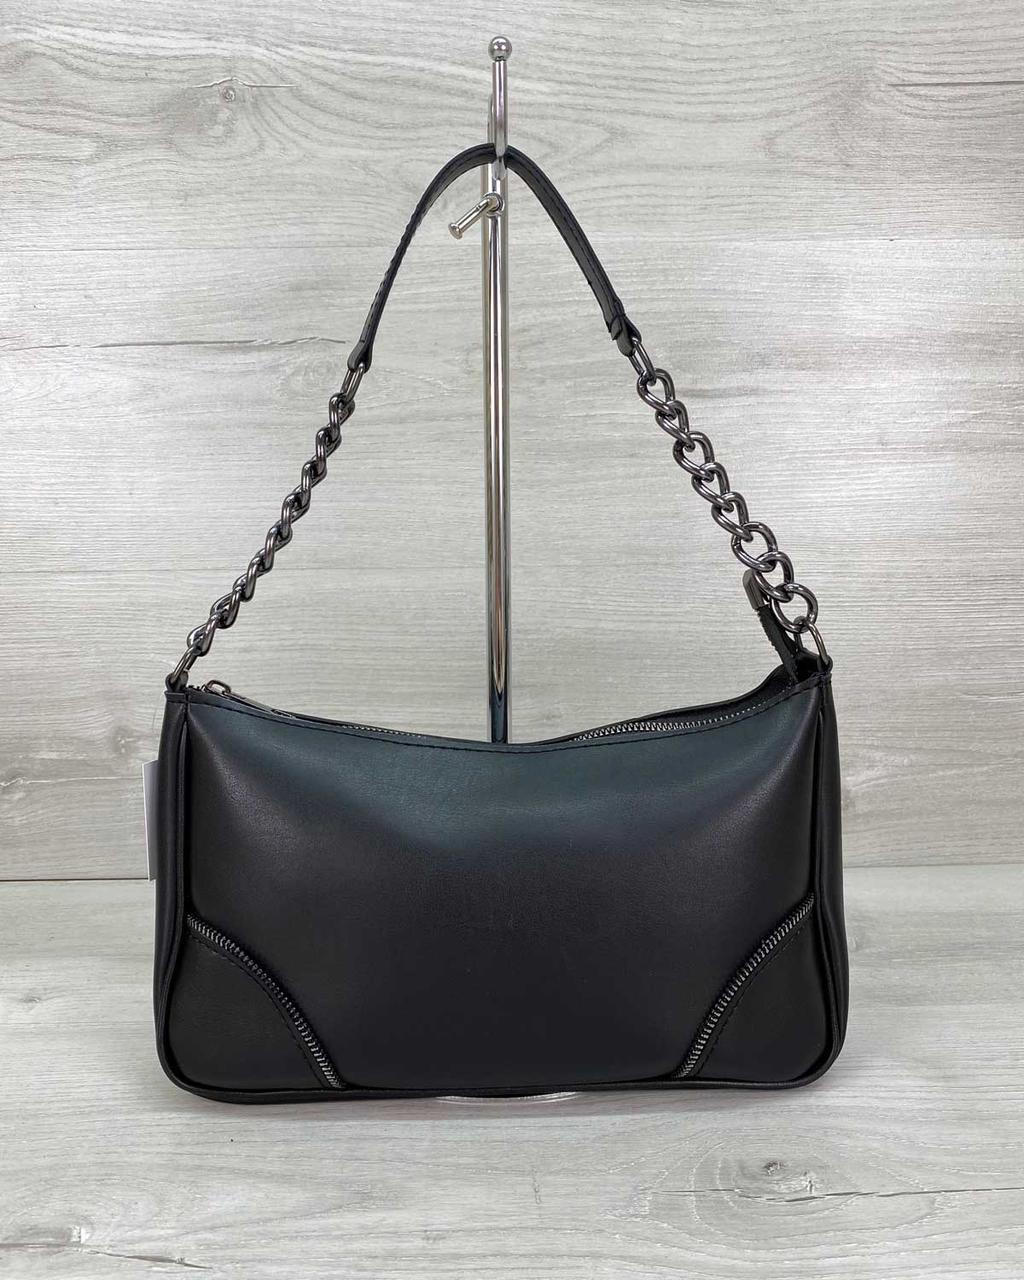 Маленькая женская черная сумочка через плечо на длинном ремешке кроссбоди